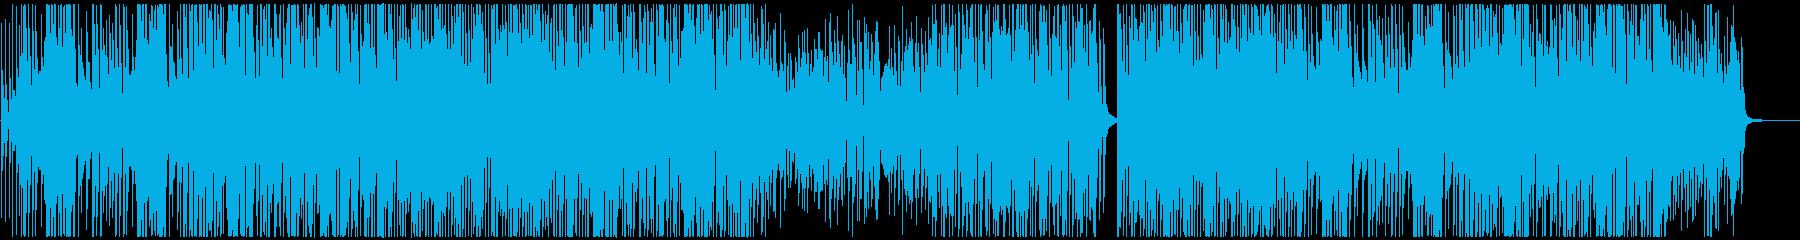 超どストレートなインストポップス!の再生済みの波形